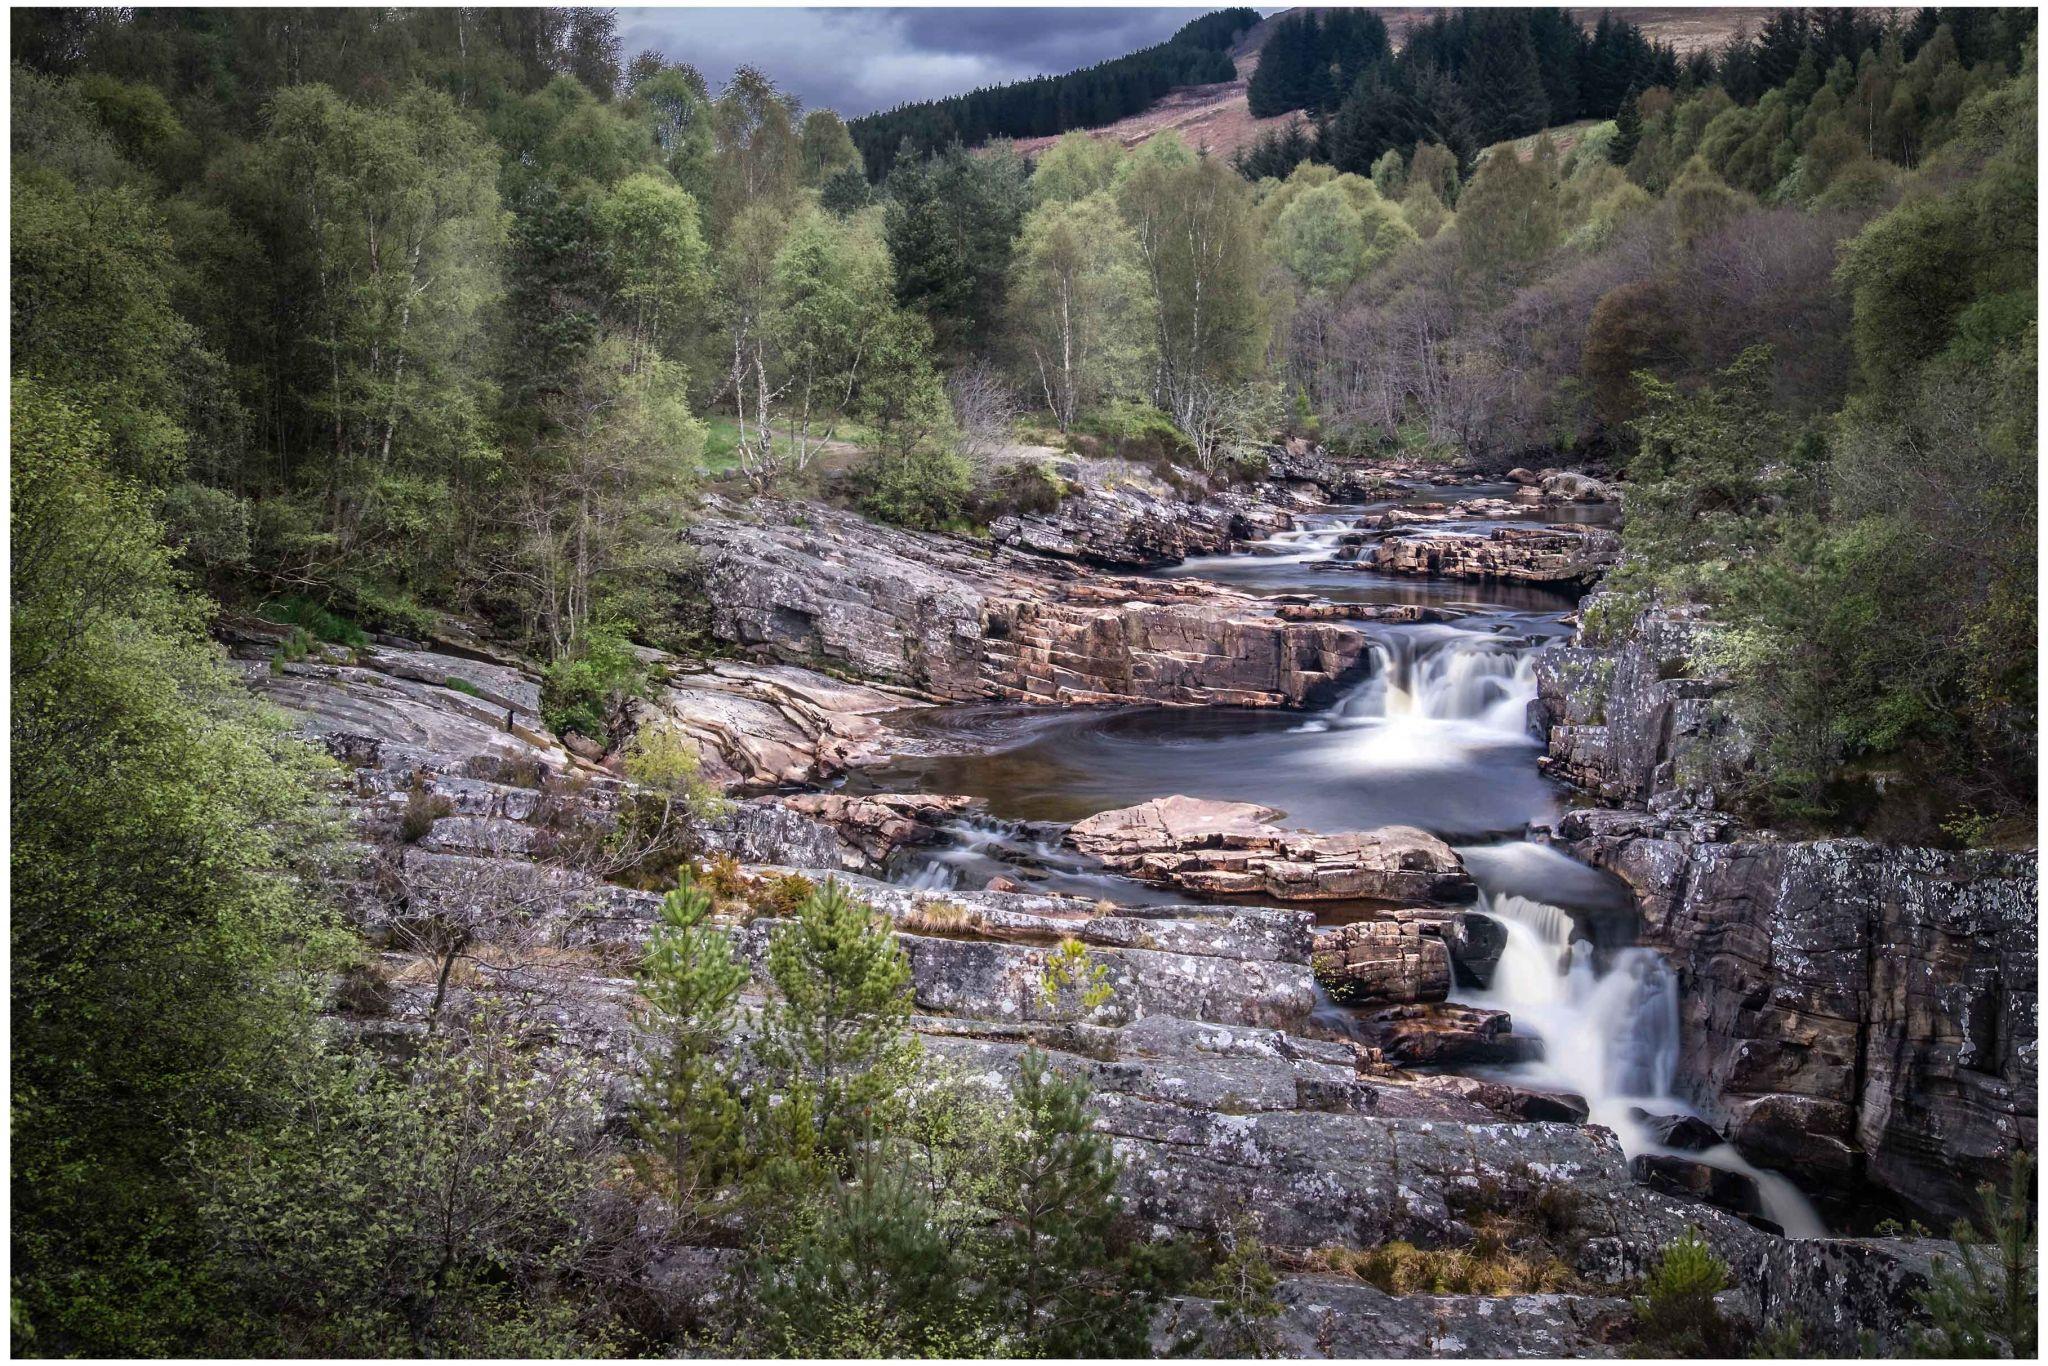 Blackwater Falls, United Kingdom